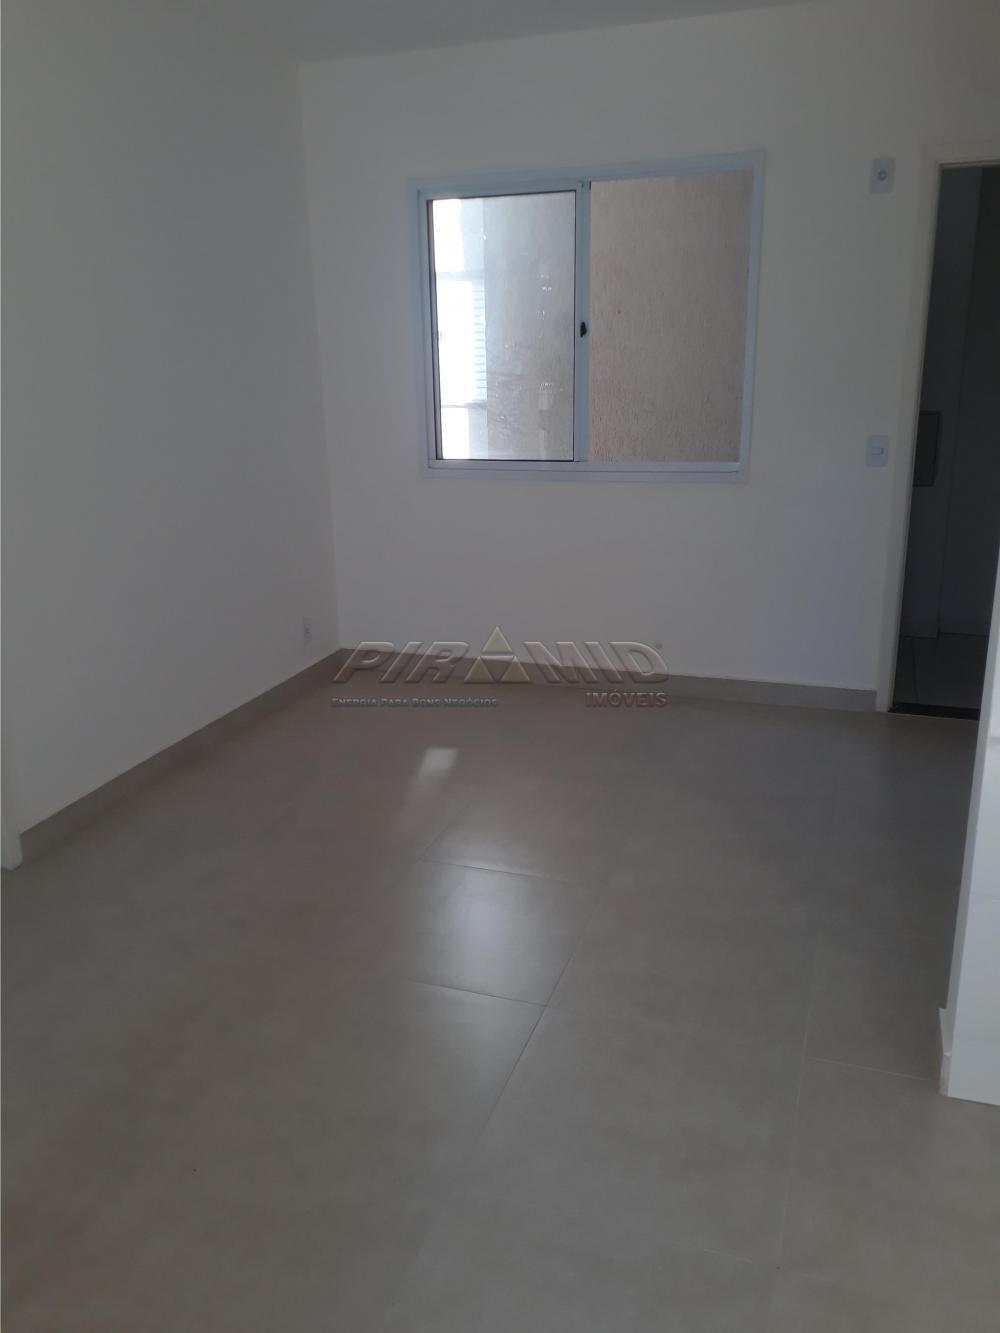 Alugar Apartamento / Padrão em Ribeirão Preto apenas R$ 944,00 - Foto 2